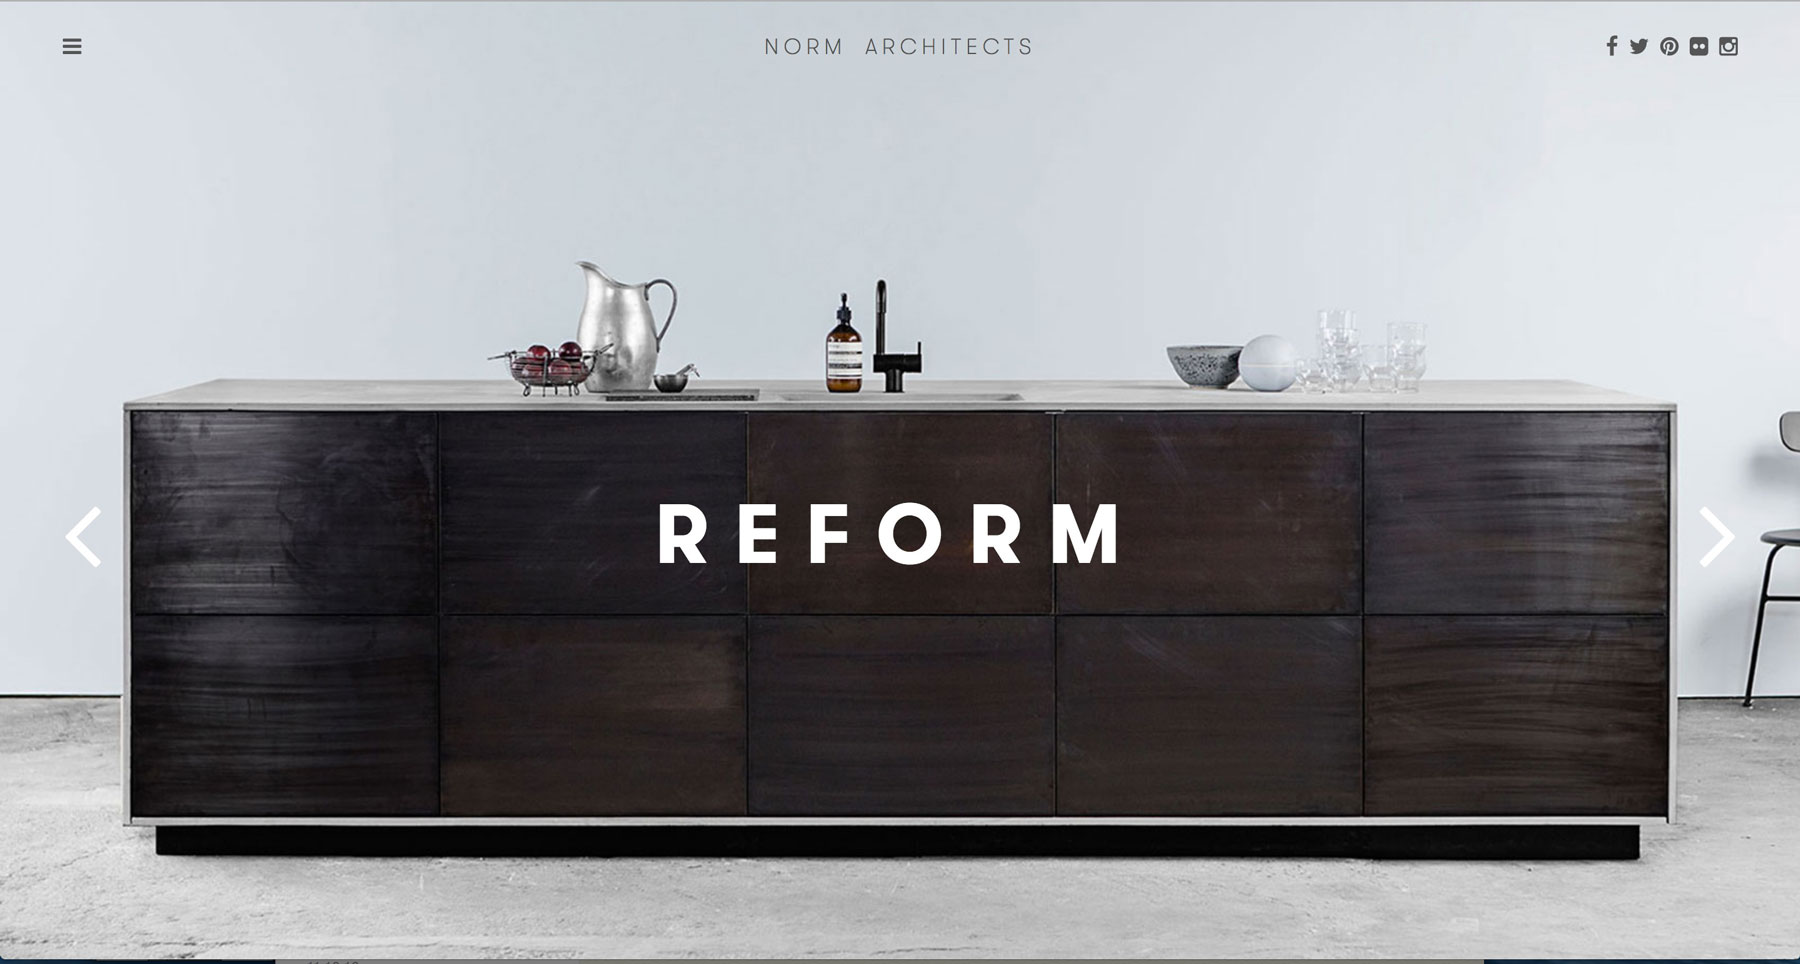 Eine professionelle Webseite mit Flat Design – reduziert und minimalistisch